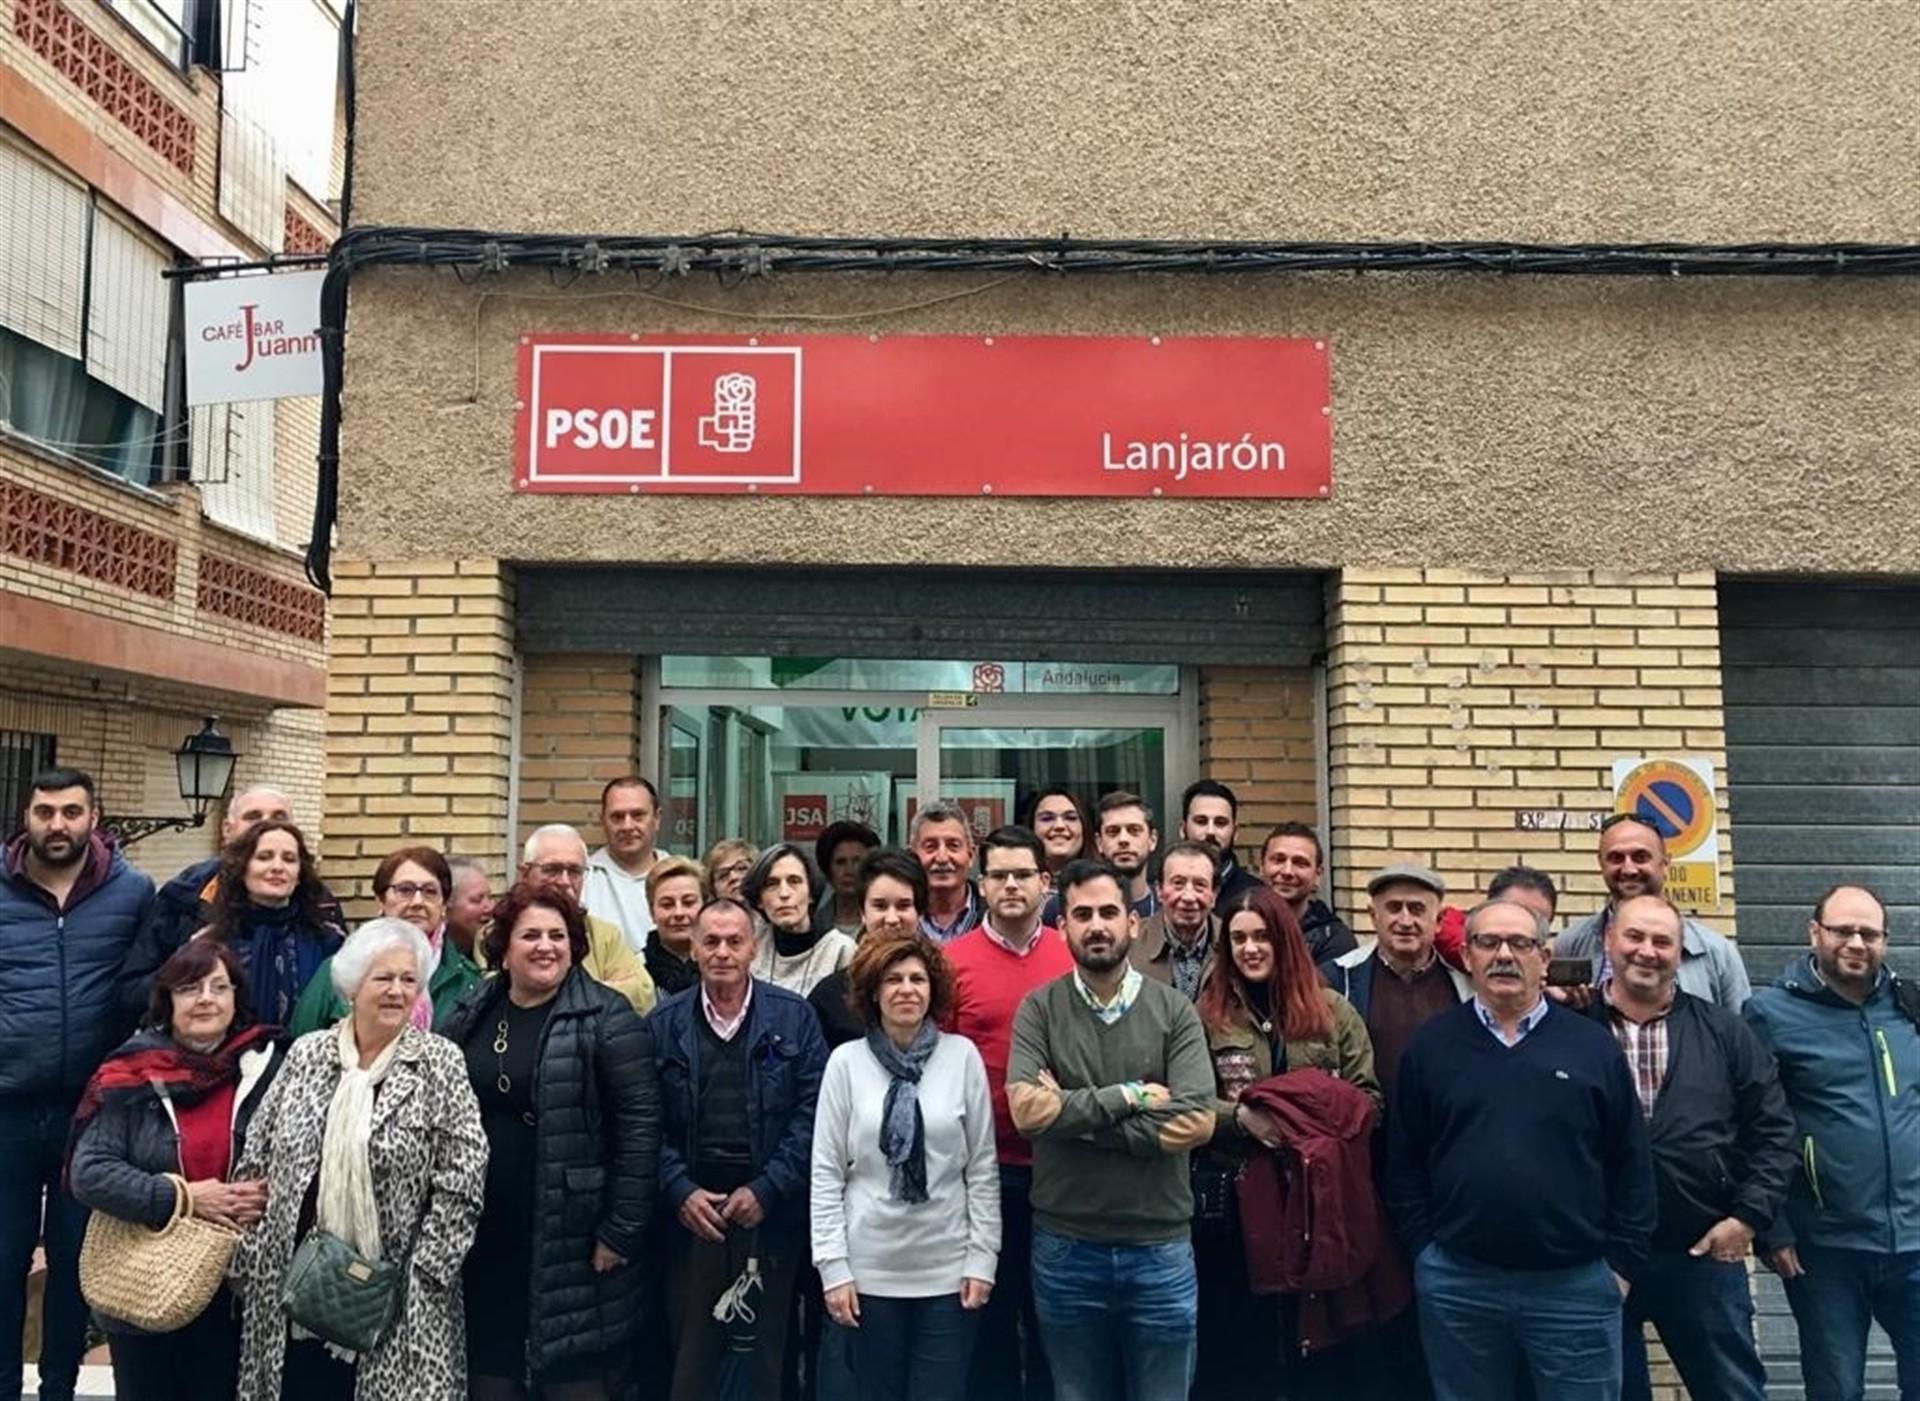 El historiador Raúl Ruiz encabezará la candidatura del PSOE en Lanjarón